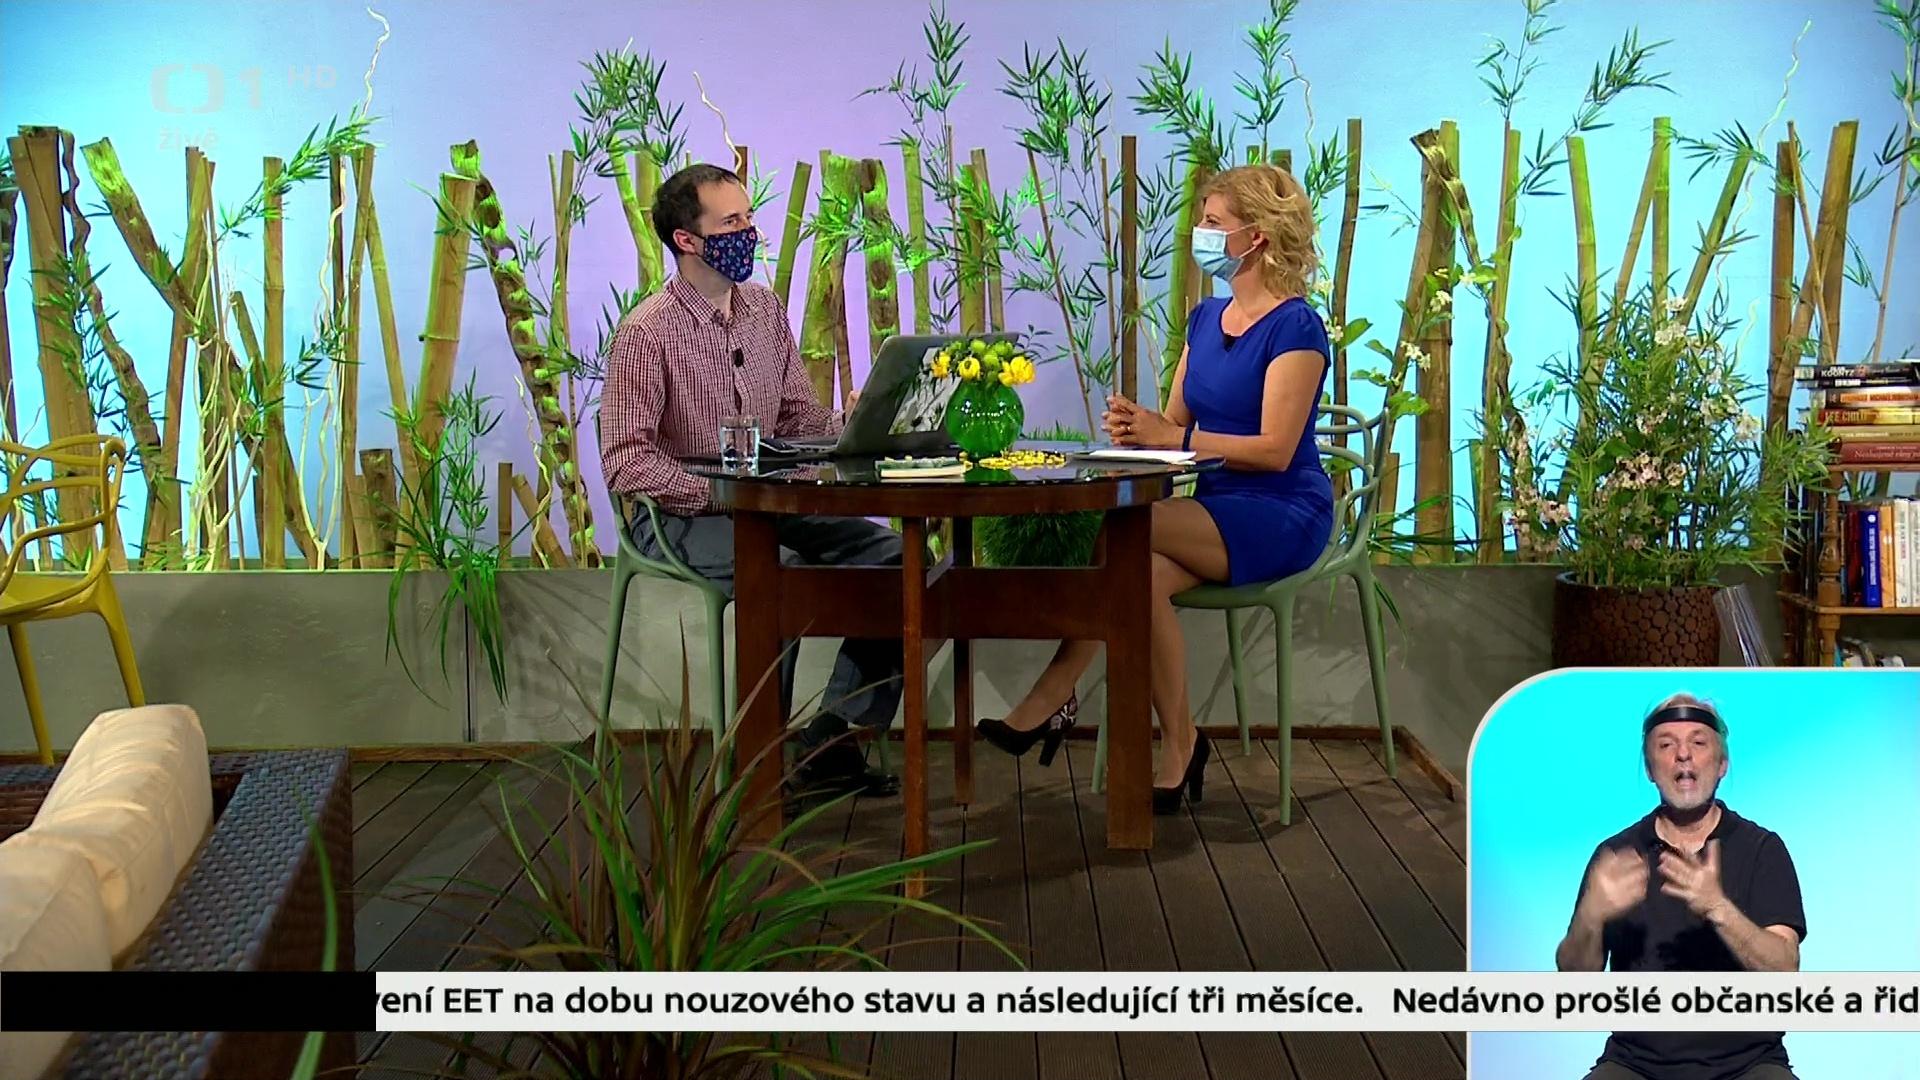 www.celebs4fan.cz-2020-05-02-16h57m28s847.jpg